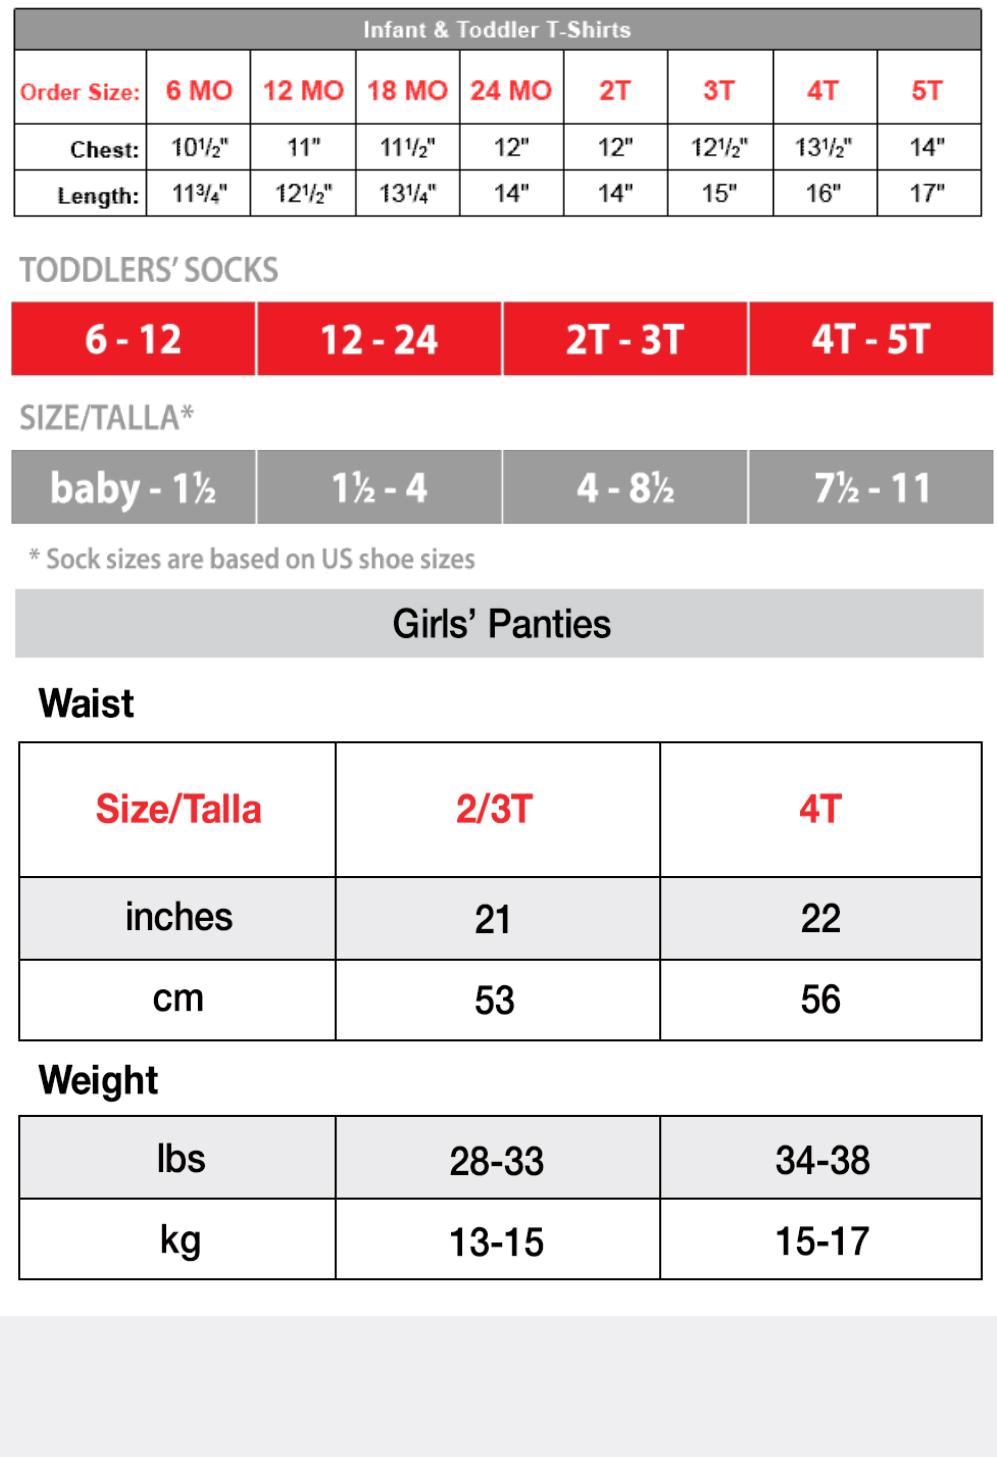 Hanes Mens Underwear Size Chart : hanes, underwear, chart, Hanes, Brands, Outlet, Stores